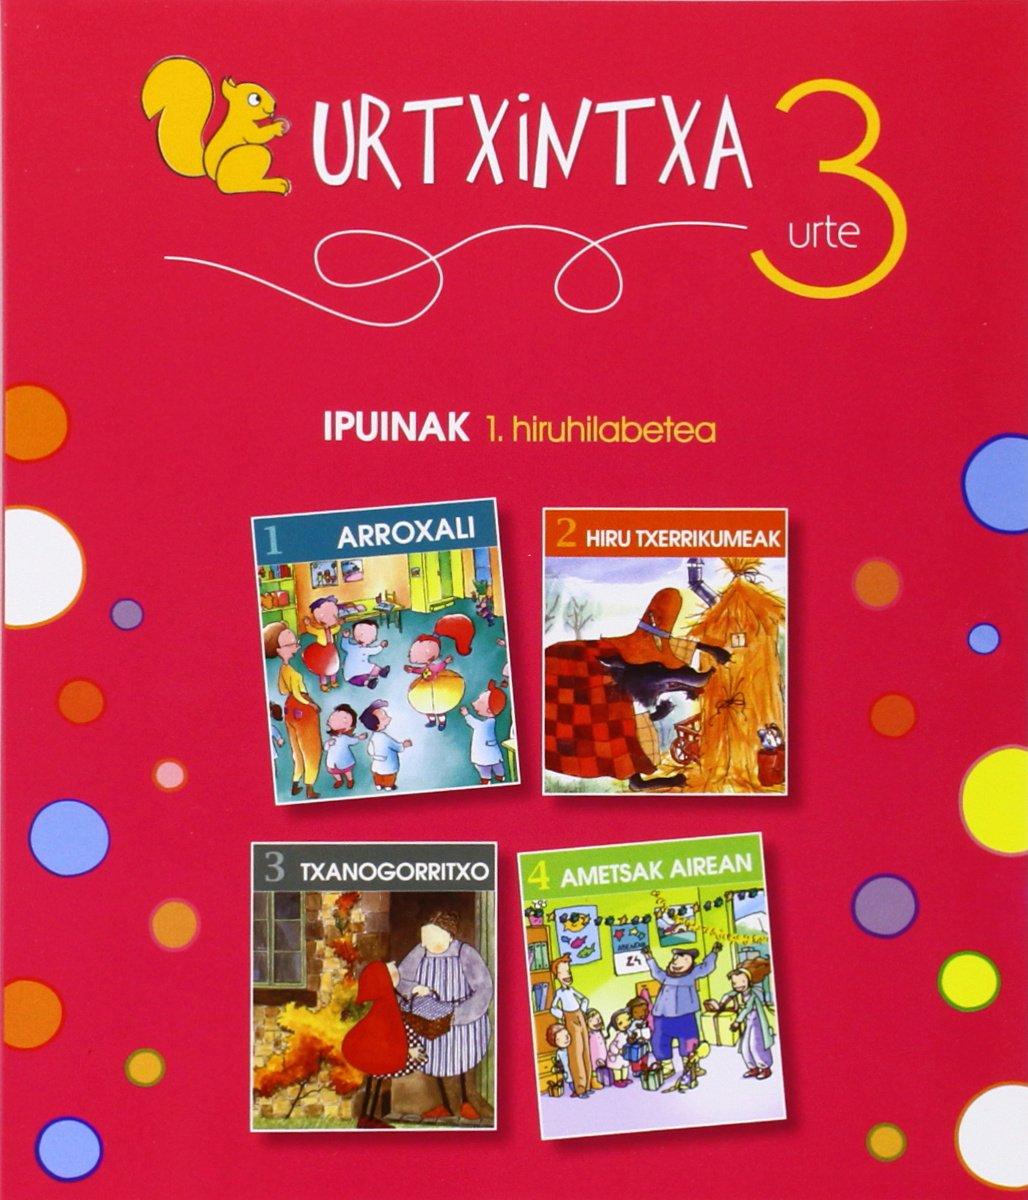 Urtxintxa 3 urte - 1. hiruhilabeteko ipuinak (1-4) (Euskera) Tapa blanda – 20 may 2008 Batzuen artean (Varios) 8497836162 Educación Infantil YQ